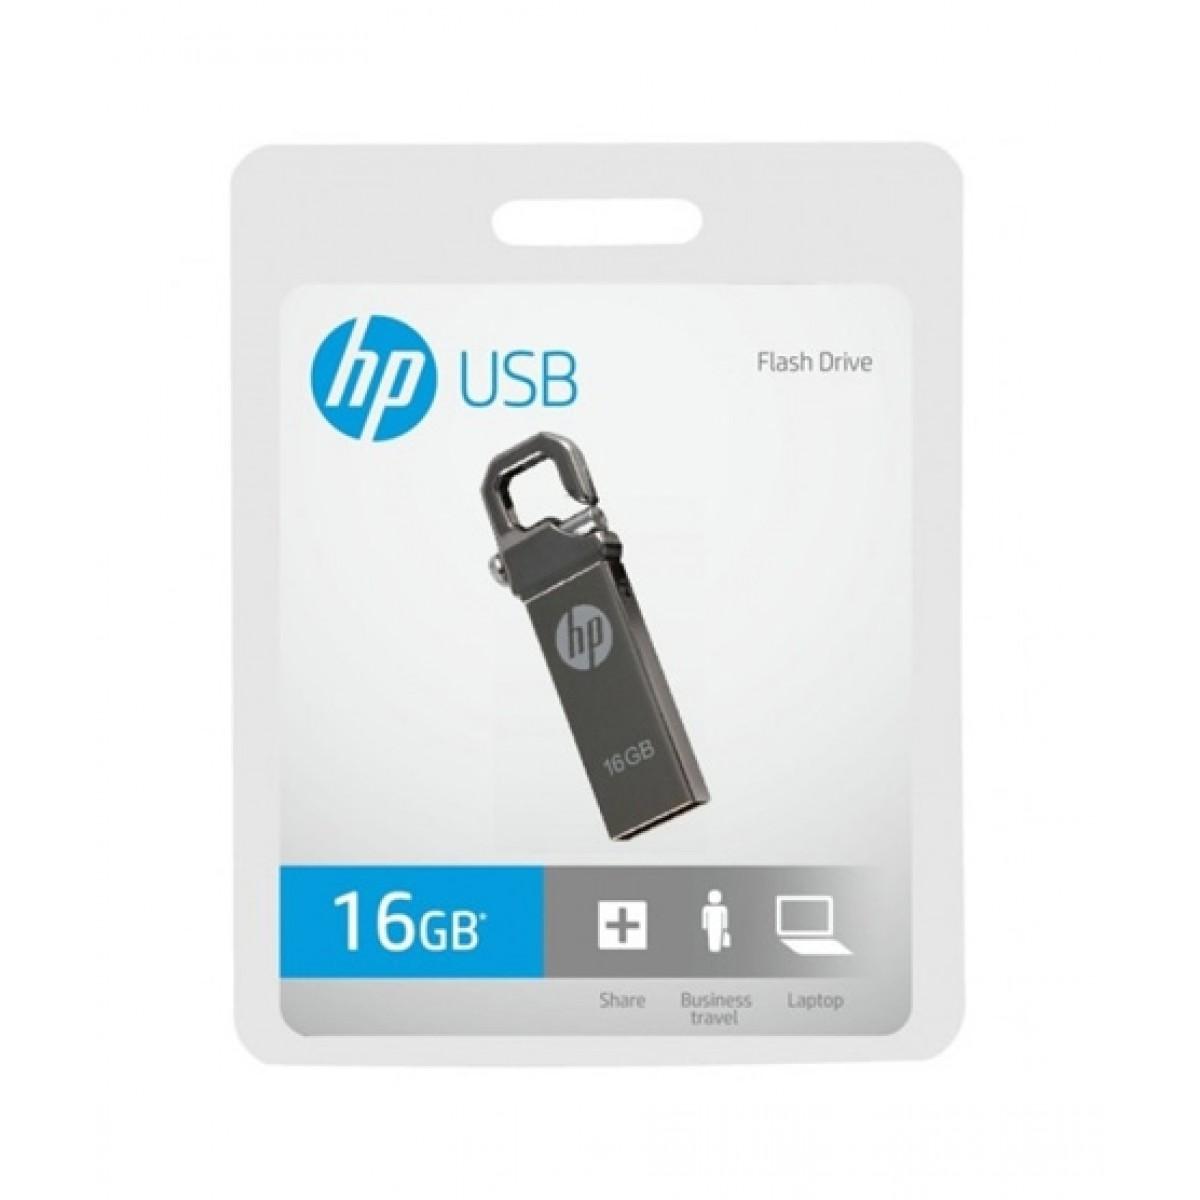 e484b6f3935 HP V250W 16GB USB Flash Drive Price in Pakistan